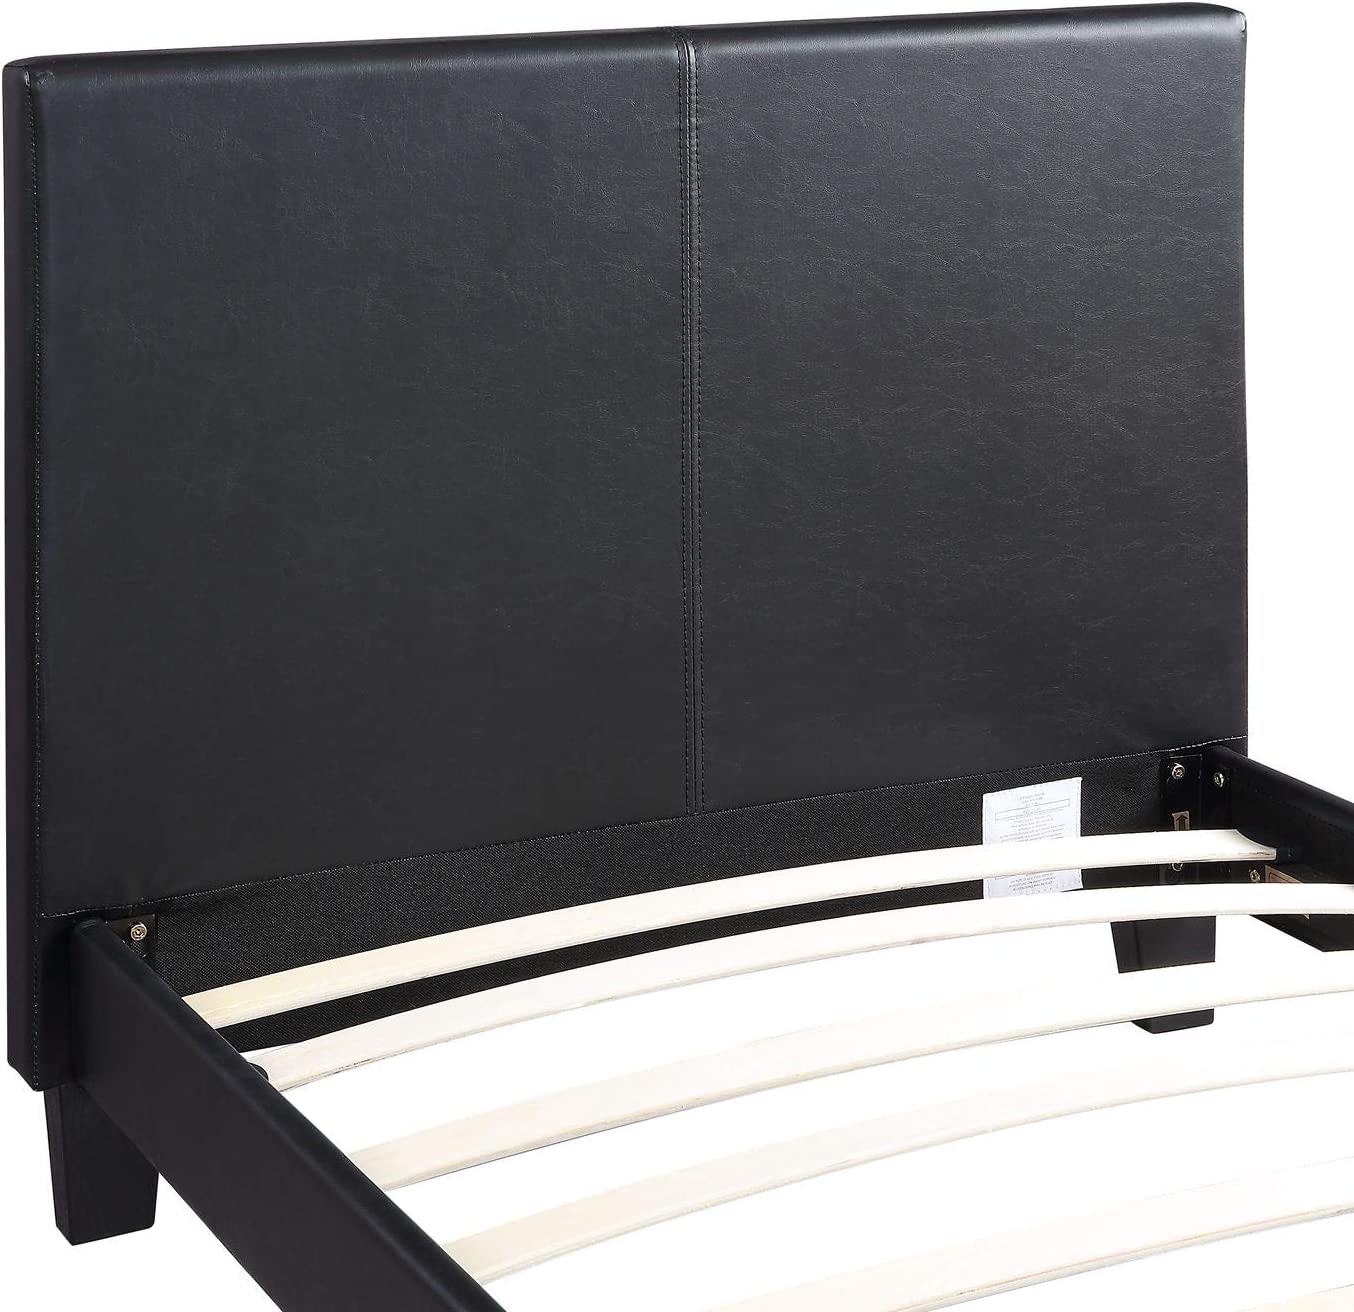 ACVCY Cadre de lit simple noir 90 cm Lit enfant solide avec t/ête de lit haute Meuble de chambre en similicuir Convient pour matelas de 90 x 190 cm